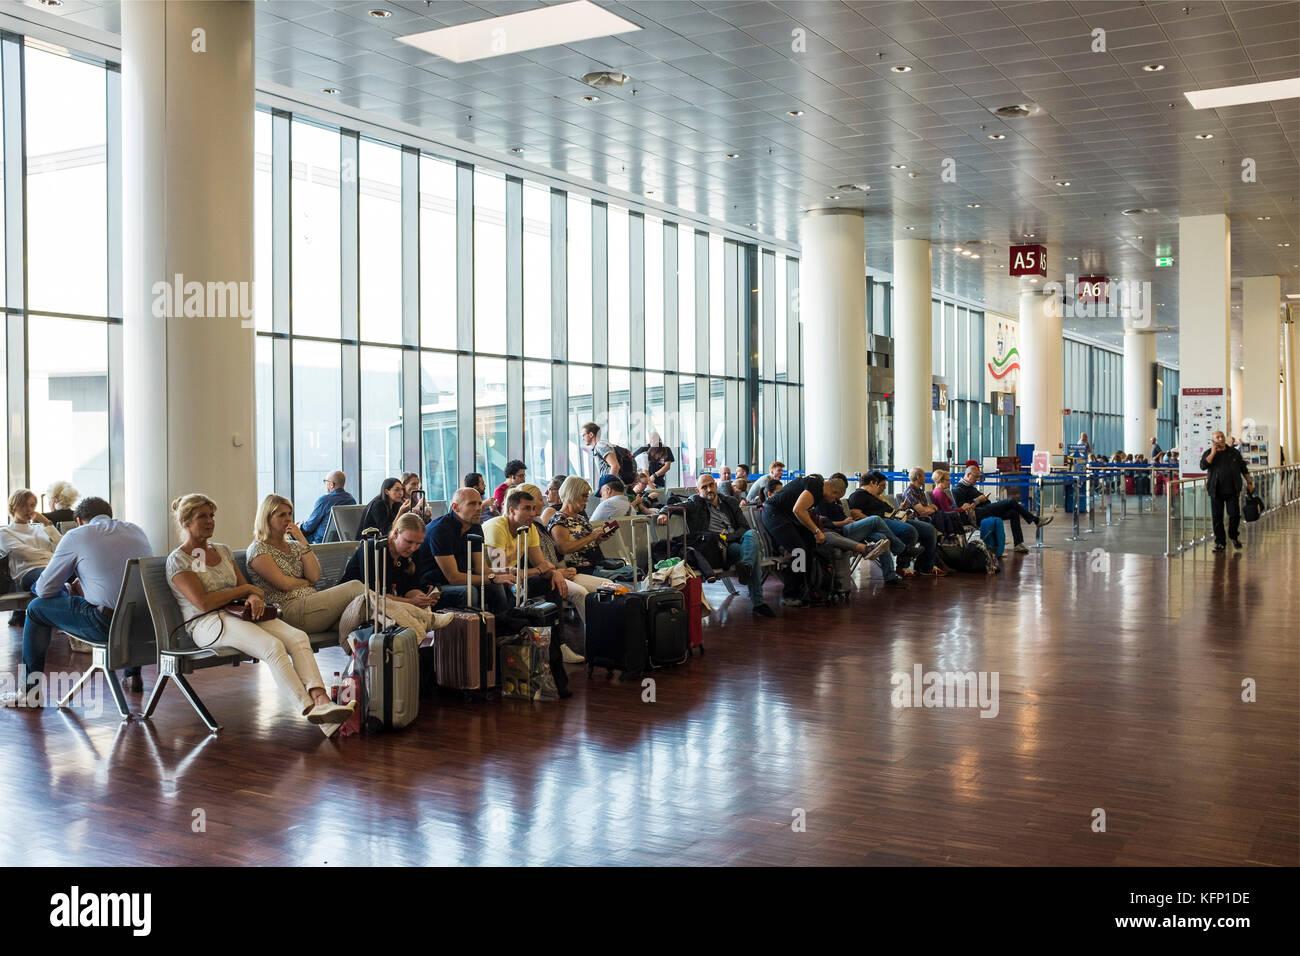 Aeroporto Orio Al Serio : Apre infopoint gate a orio al serio magoni «volano strategico